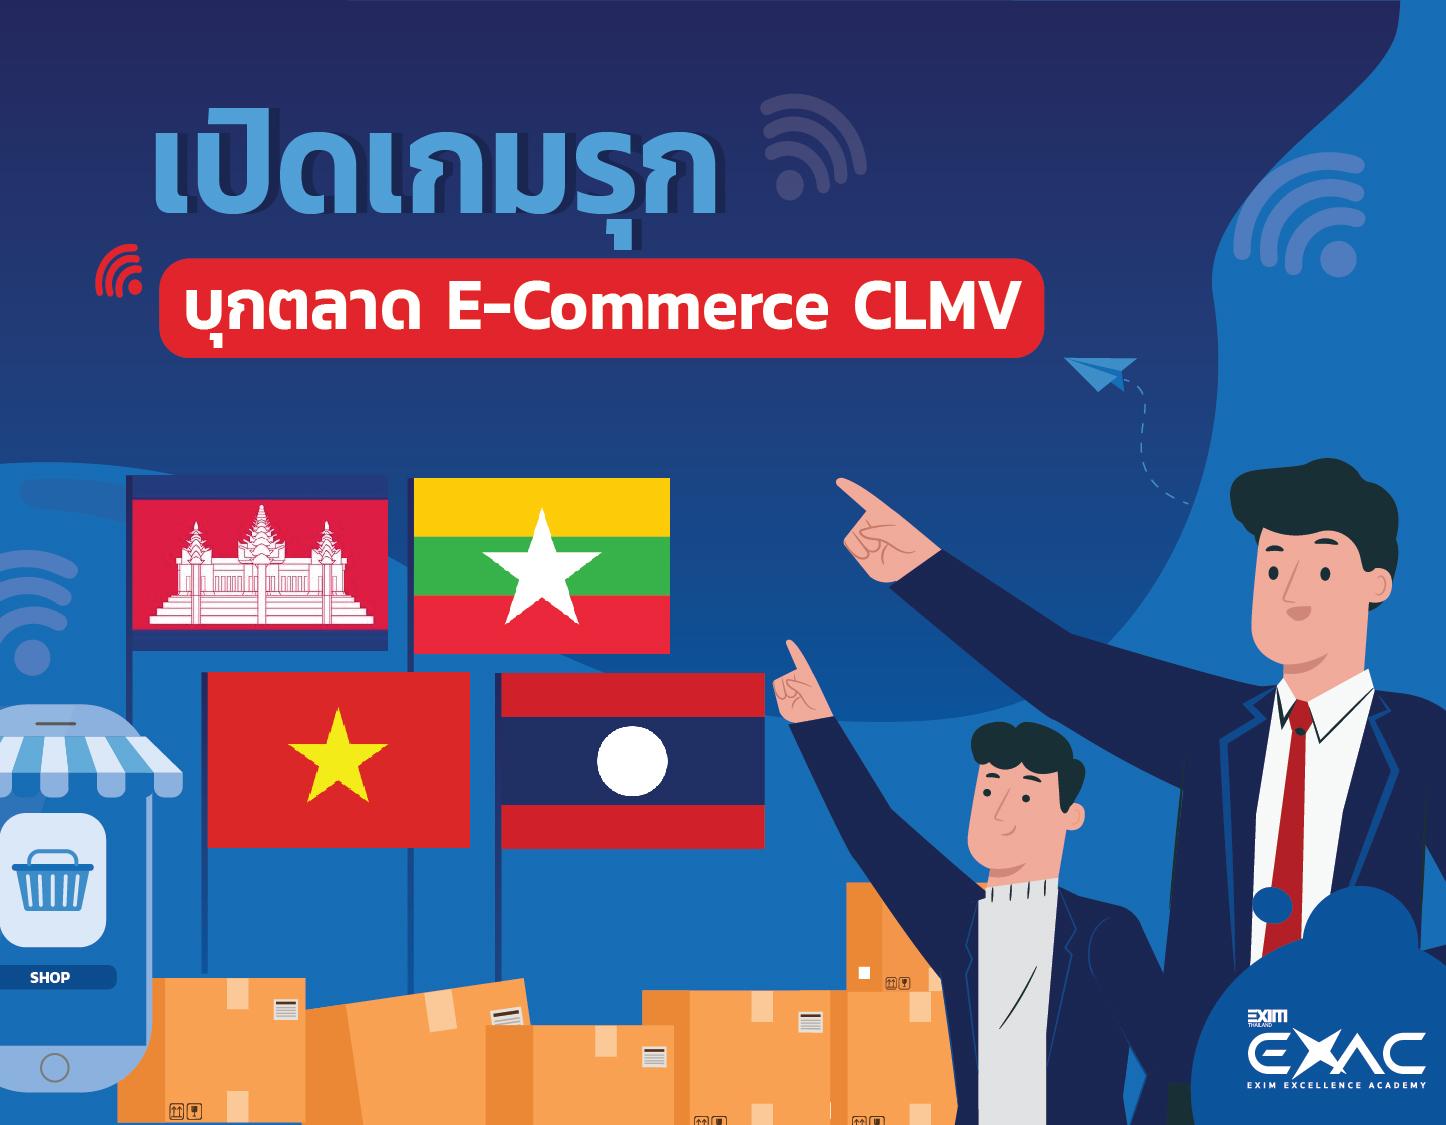 เปิดเกมรุก บุกตลาด E-Commerce CLMV